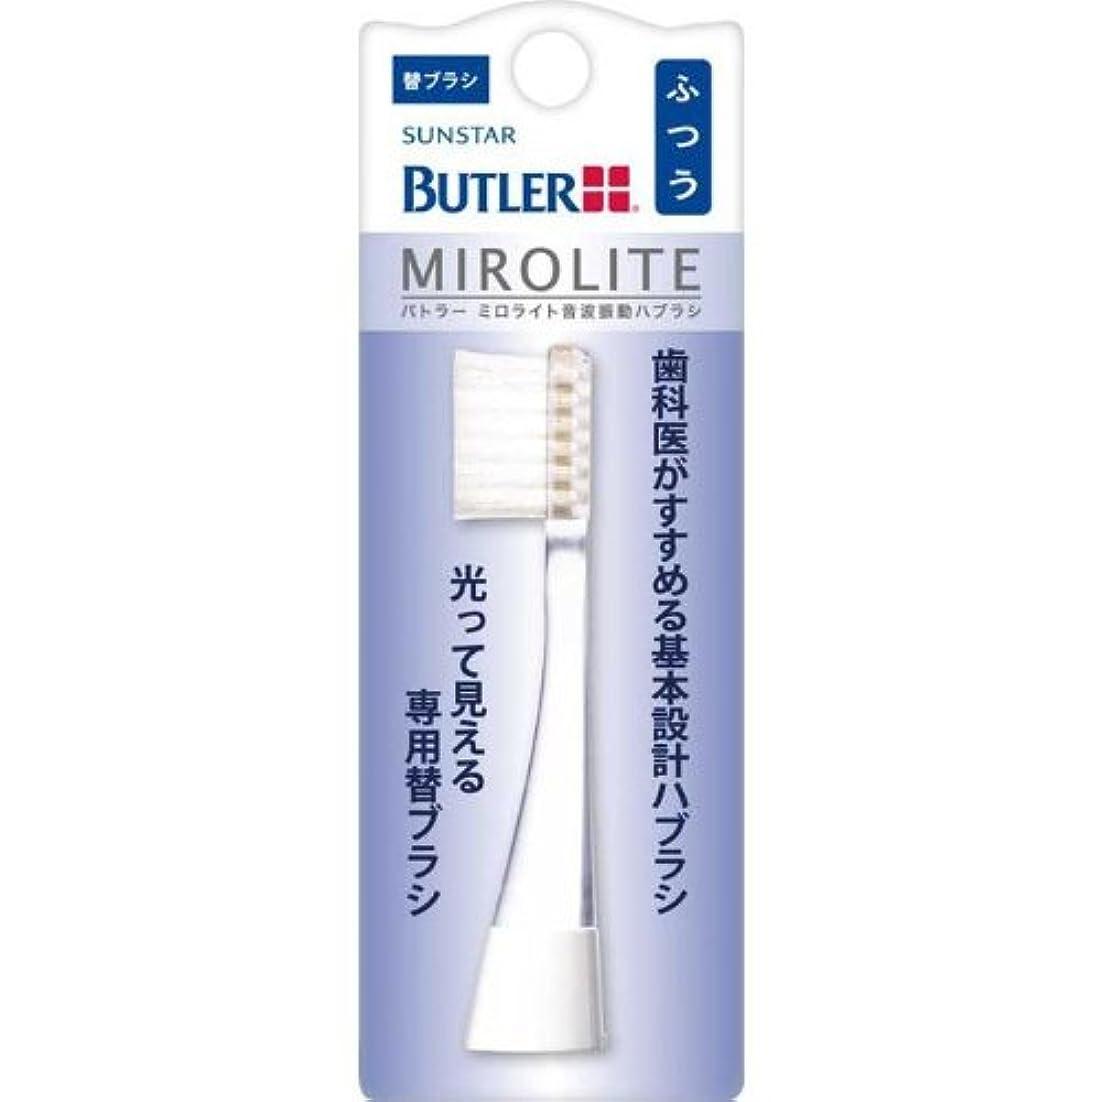 BUTLER(バトラー) ミロライト 音波振動ハブラシ 替ブラシ ふつう TB-01M